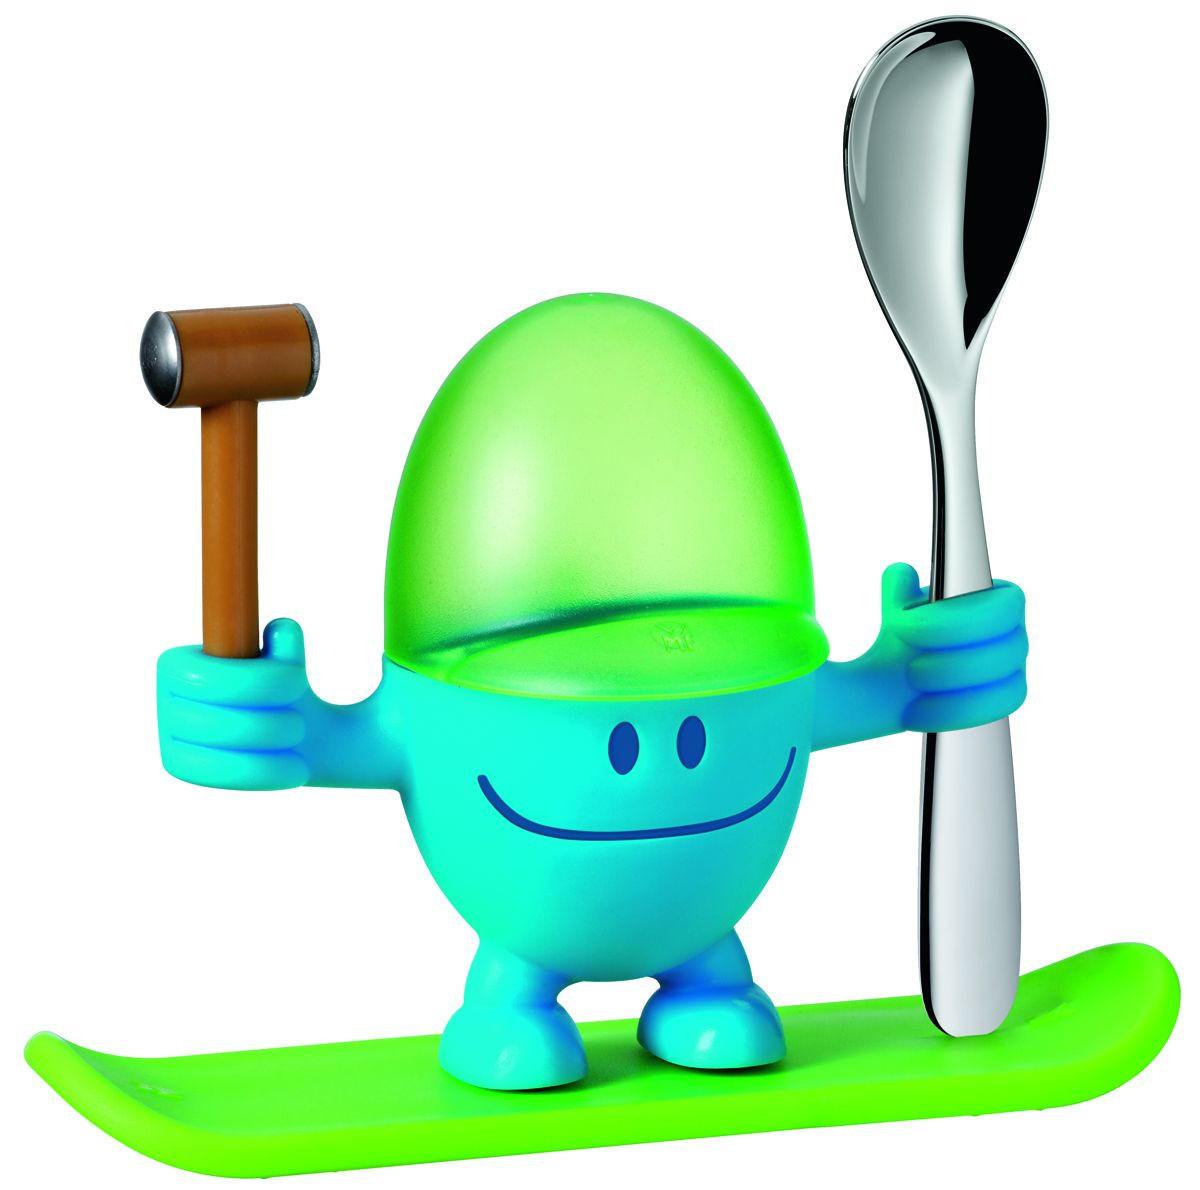 ČAŠICA ZA JAJE - zelena/plava, Konvencionalno, metal/plastika (11cm) - WMF